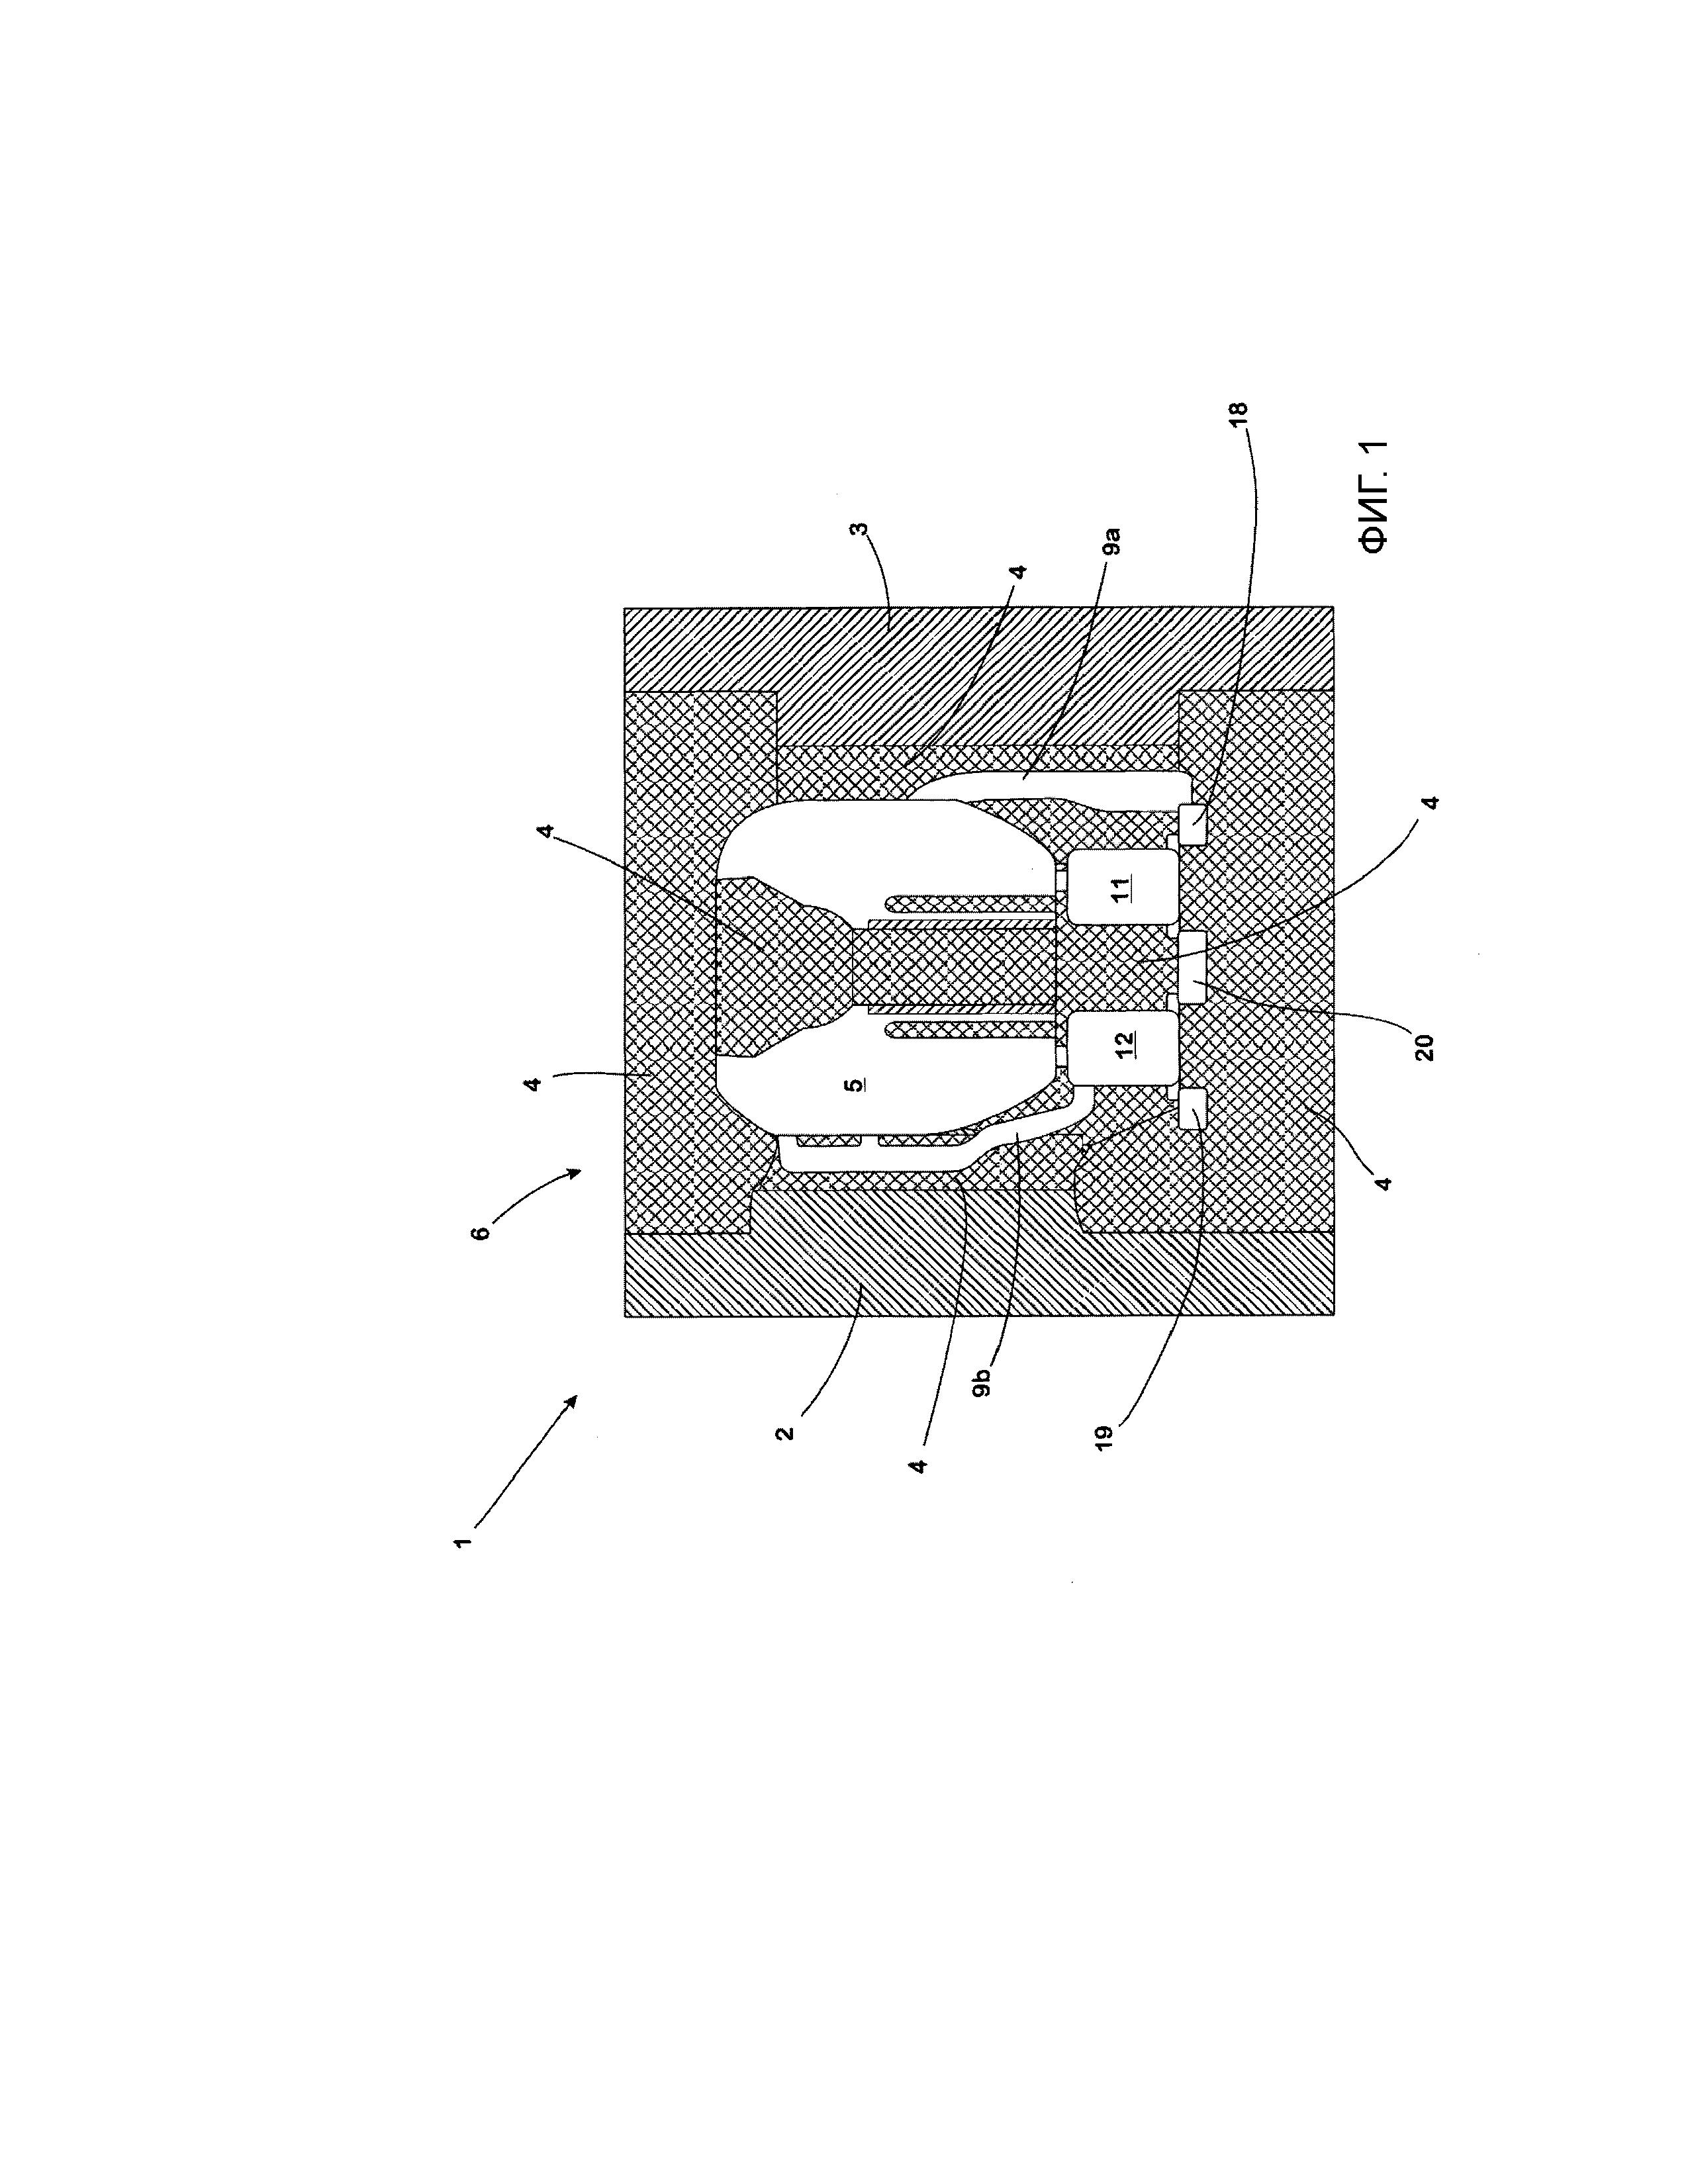 Литейная форма для литья сложных фасонных отливок и применение указанной литейной формы